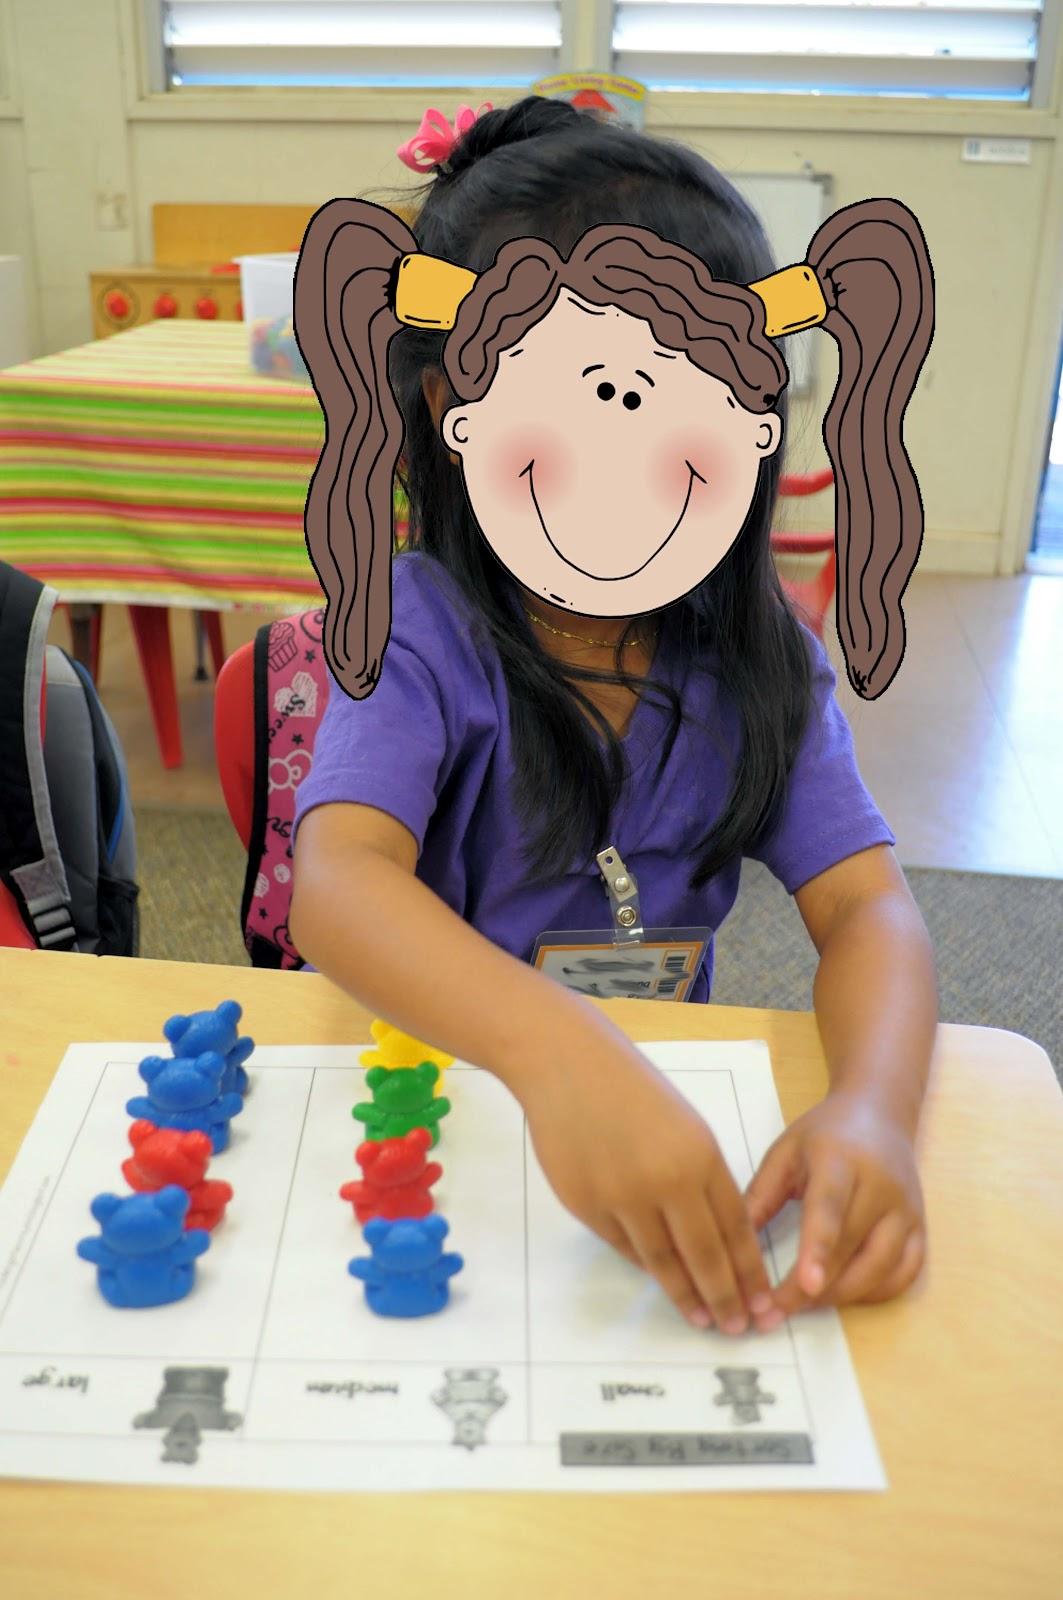 Kinder Garden: Mrs. Ricca's Kindergarten: Sorting Activities